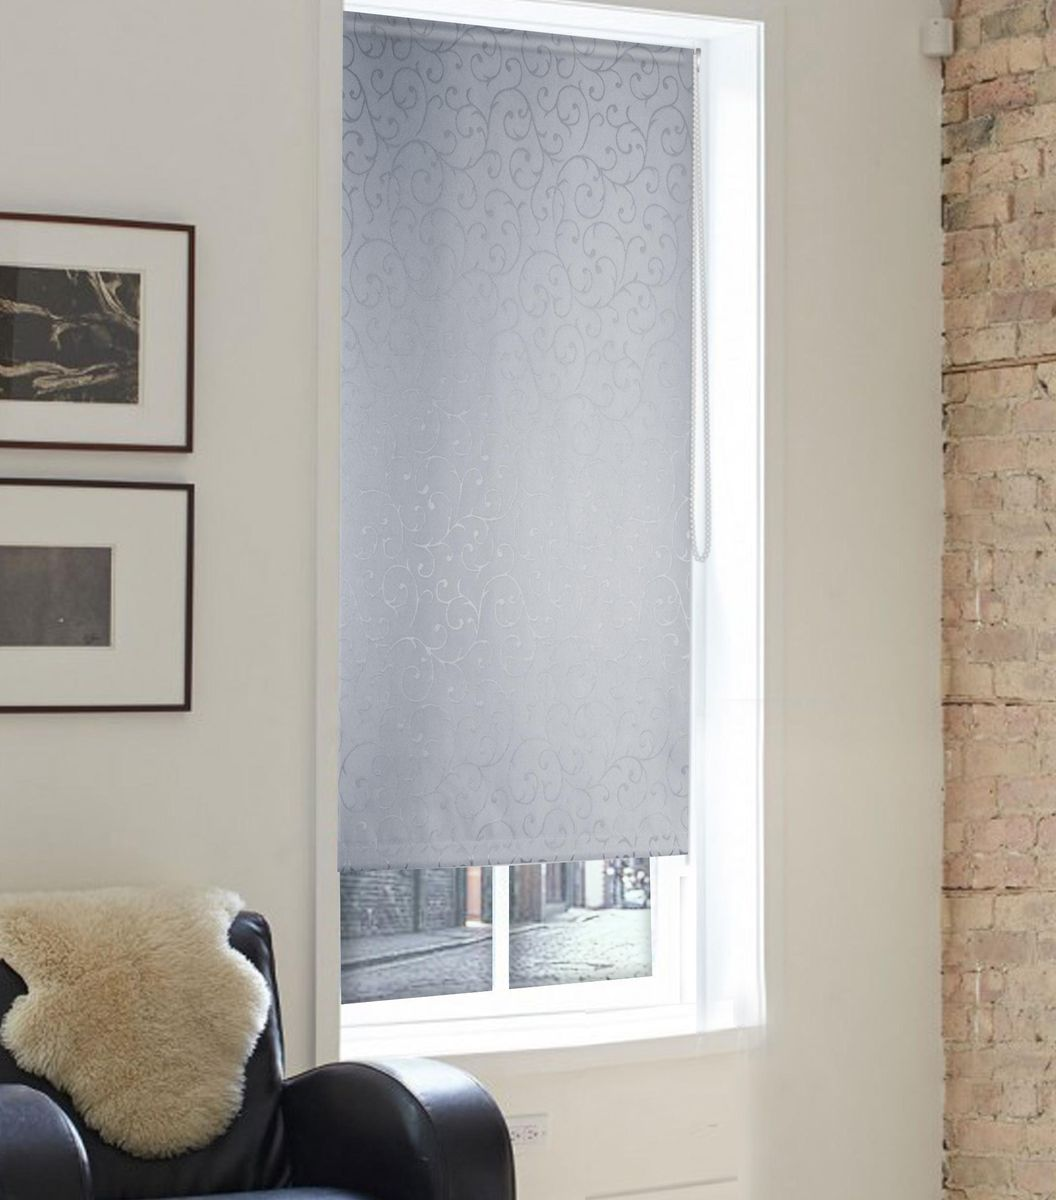 Штора рулонная Эскар Агат, цвет: серый, ширина 140 см, высота 160 см80621Рулонными шторами можно оформлять окна как самостоятельно, так и использовать в комбинации с портьерами. Это поможет предотвратить выгорание дорогой ткани на солнце и соединит функционал рулонных с красотой навесных.Преимущества применения рулонных штор для пластиковых окон:- имеют прекрасный внешний вид: многообразие и фактурность материала изделия отлично смотрятся в любом интерьере; - многофункциональны: есть возможность подобрать шторы способные эффективно защитить комнату от солнца, при этом она не будет слишком темной.- Есть возможность осуществить быстрый монтаж.ВНИМАНИЕ! Размеры ширины изделия указаны по ширине ткани!Во время эксплуатации не рекомендуется полностью разматывать рулон, чтобы не оторвать ткань от намоточного вала.В случае загрязнения поверхности ткани, чистку шторы проводят одним из способов, в зависимости от типа загрязнения: легкое поверхностное загрязнение можно удалить при помощи канцелярского ластика; чистка от пыли производится сухим методом при помощи пылесоса с мягкой щеткой-насадкой; для удаления пятна используйте мягкую губку с пенообразующим неагрессивным моющим средством или пятновыводитель на натуральной основе (нельзя применять растворители).